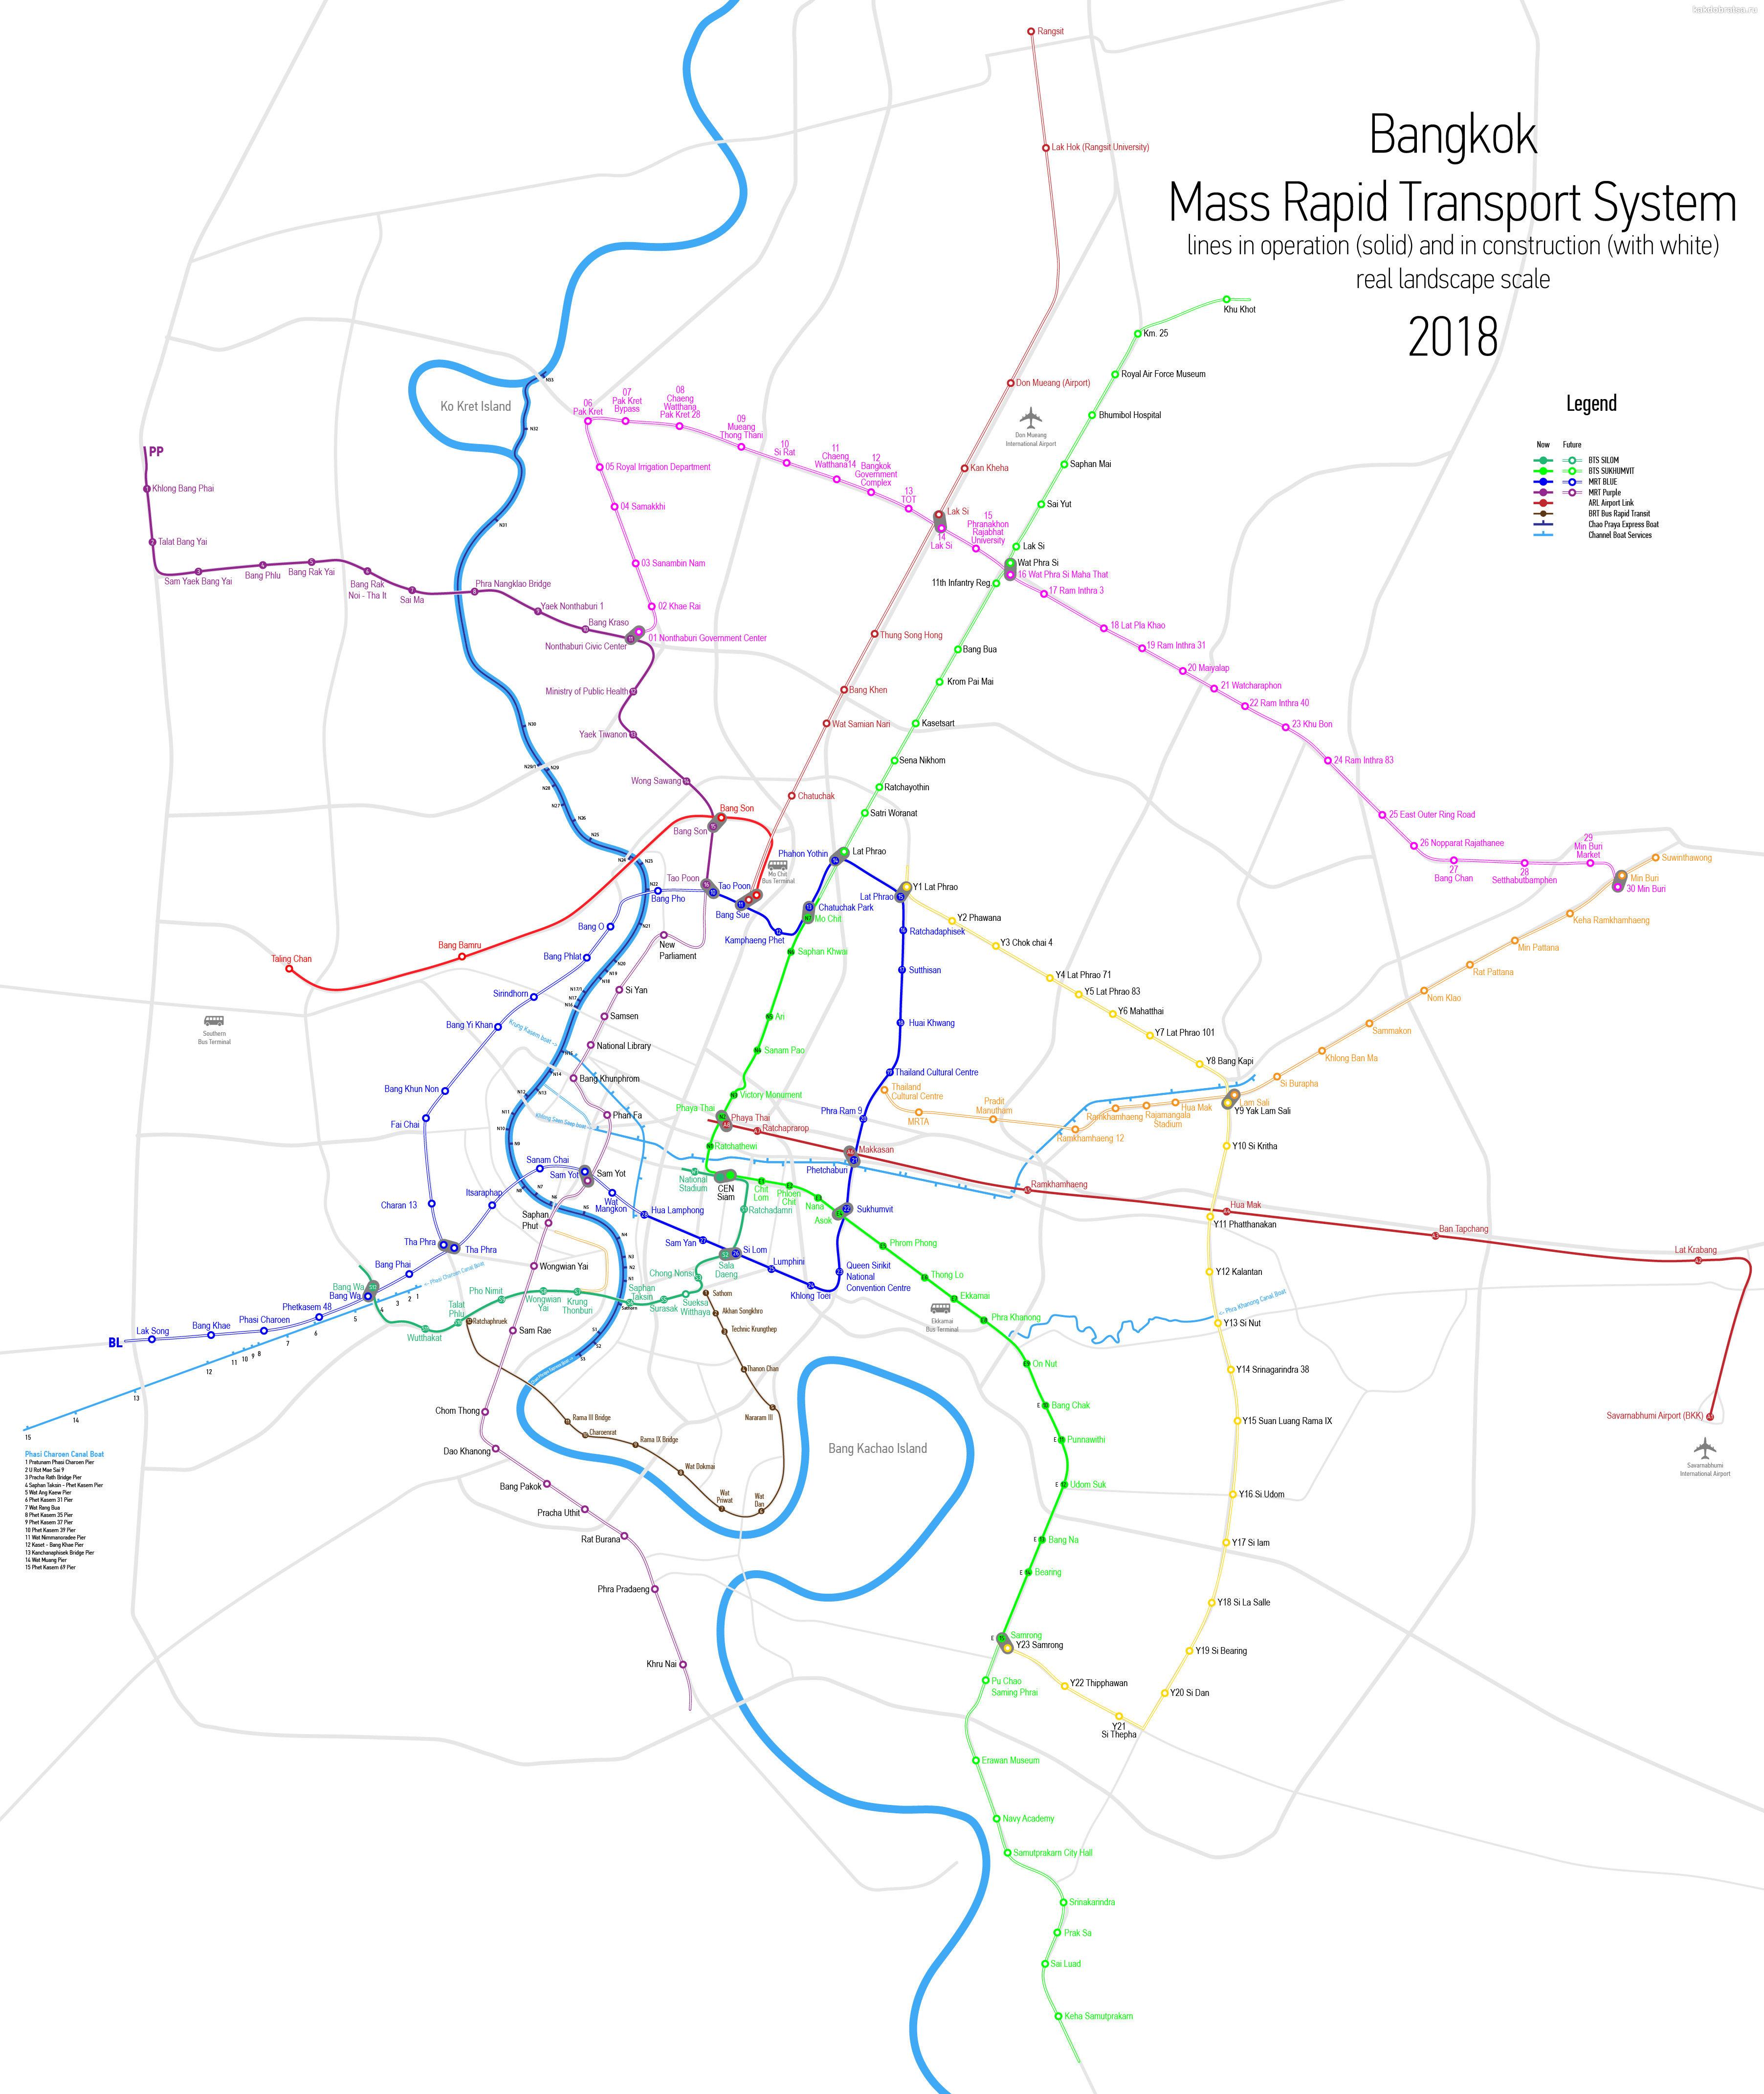 Наземное подземное метро Бангкока карта схема